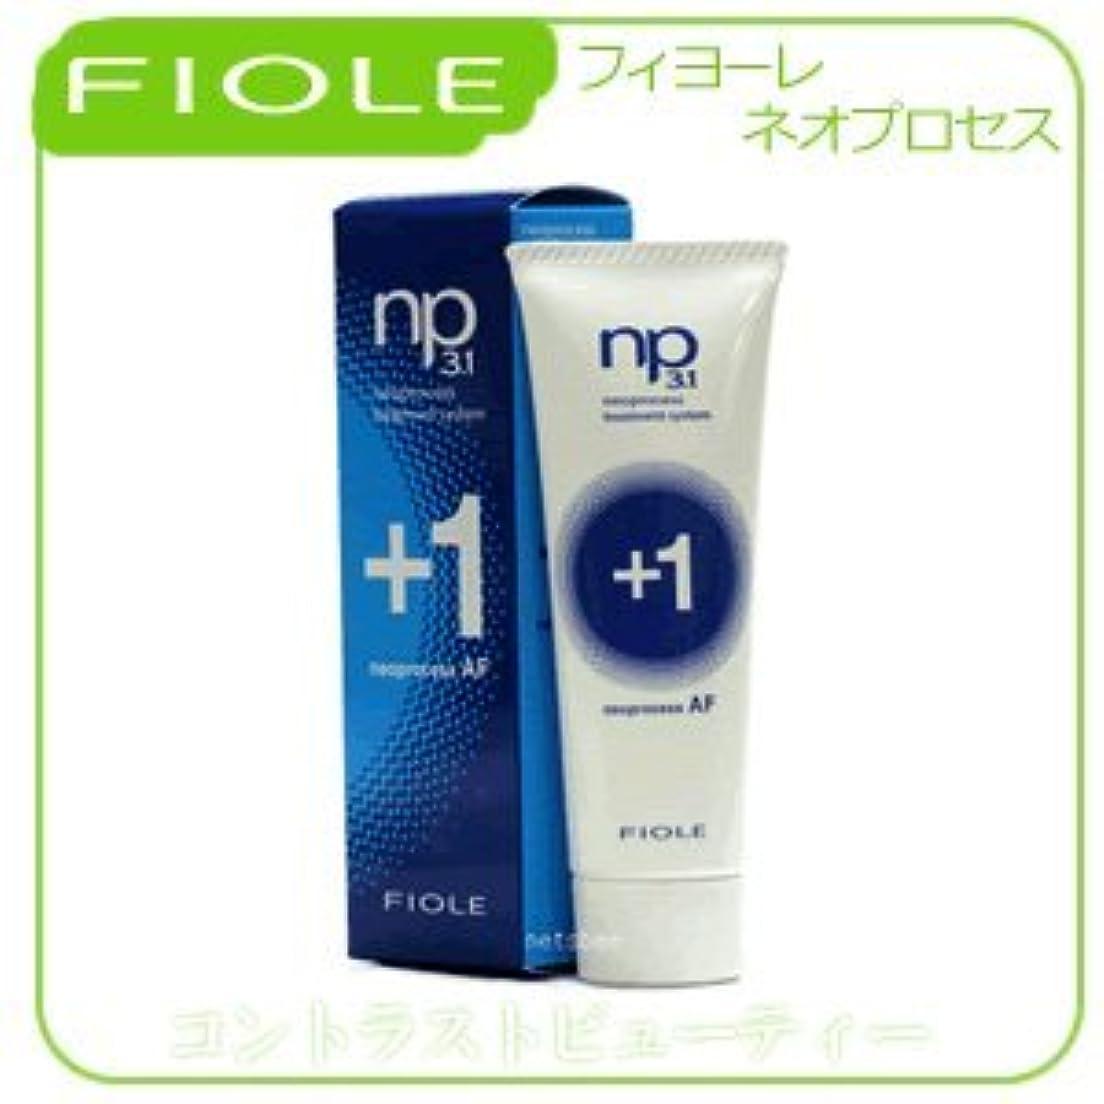 染色靴下乙女【X2個セット】 フィヨーレ NP3.1 ネオプロセス AFプラス1 240g FIOLE ネオプロセス